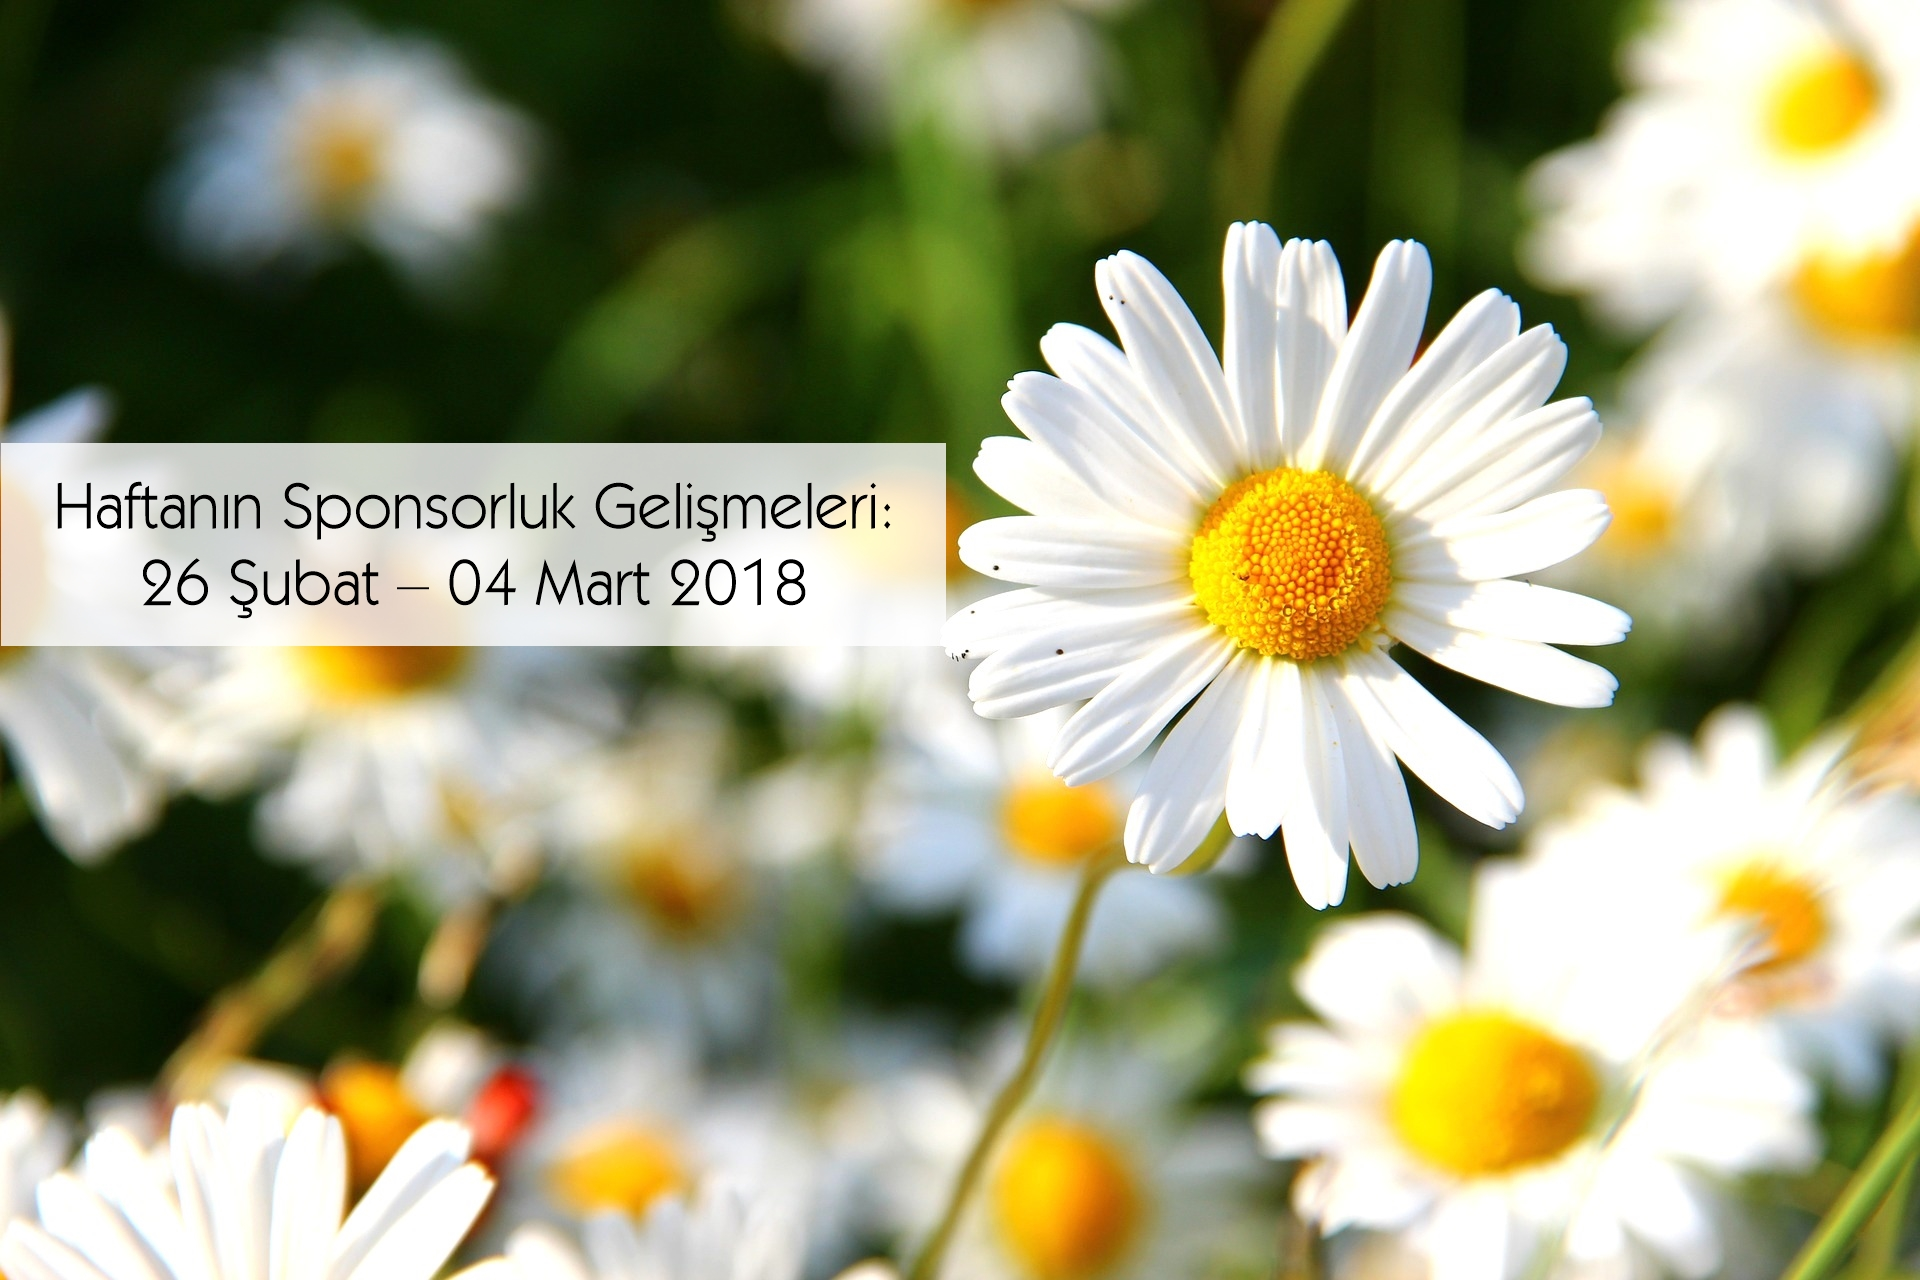 Haftanın Sponsorluk Gelişmeleri: 26 Şubat – 04 Mart 2018